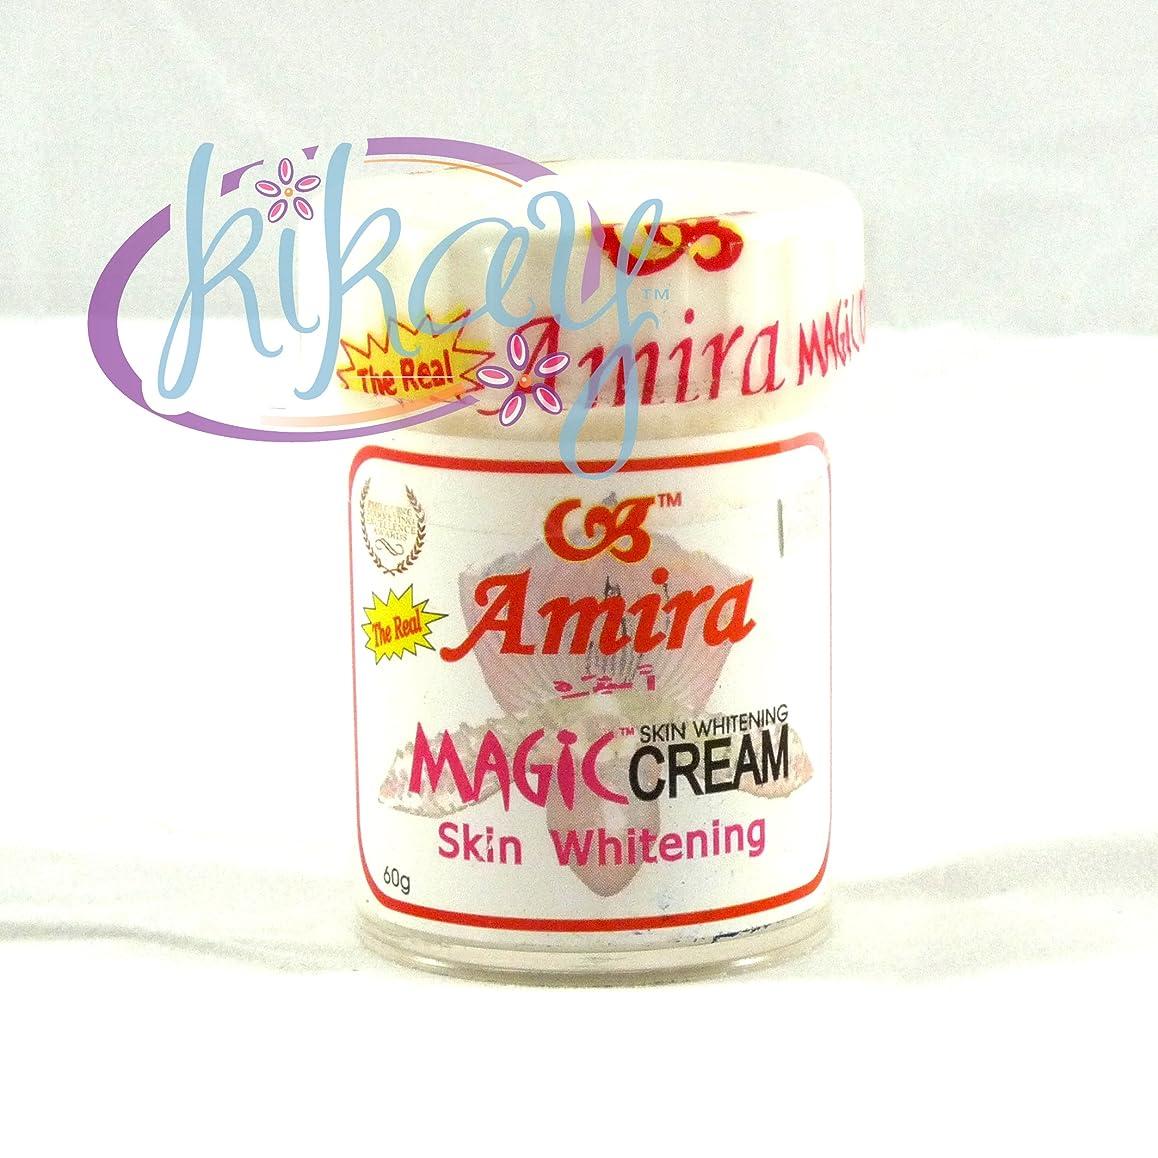 社会学動く終わったAMIRA THE REAL MAGIC CREAM【SKIN WHITENING CREAM 60g】PHILIPPINES〈スキン ホワイトニング クリーム〉フィリピン